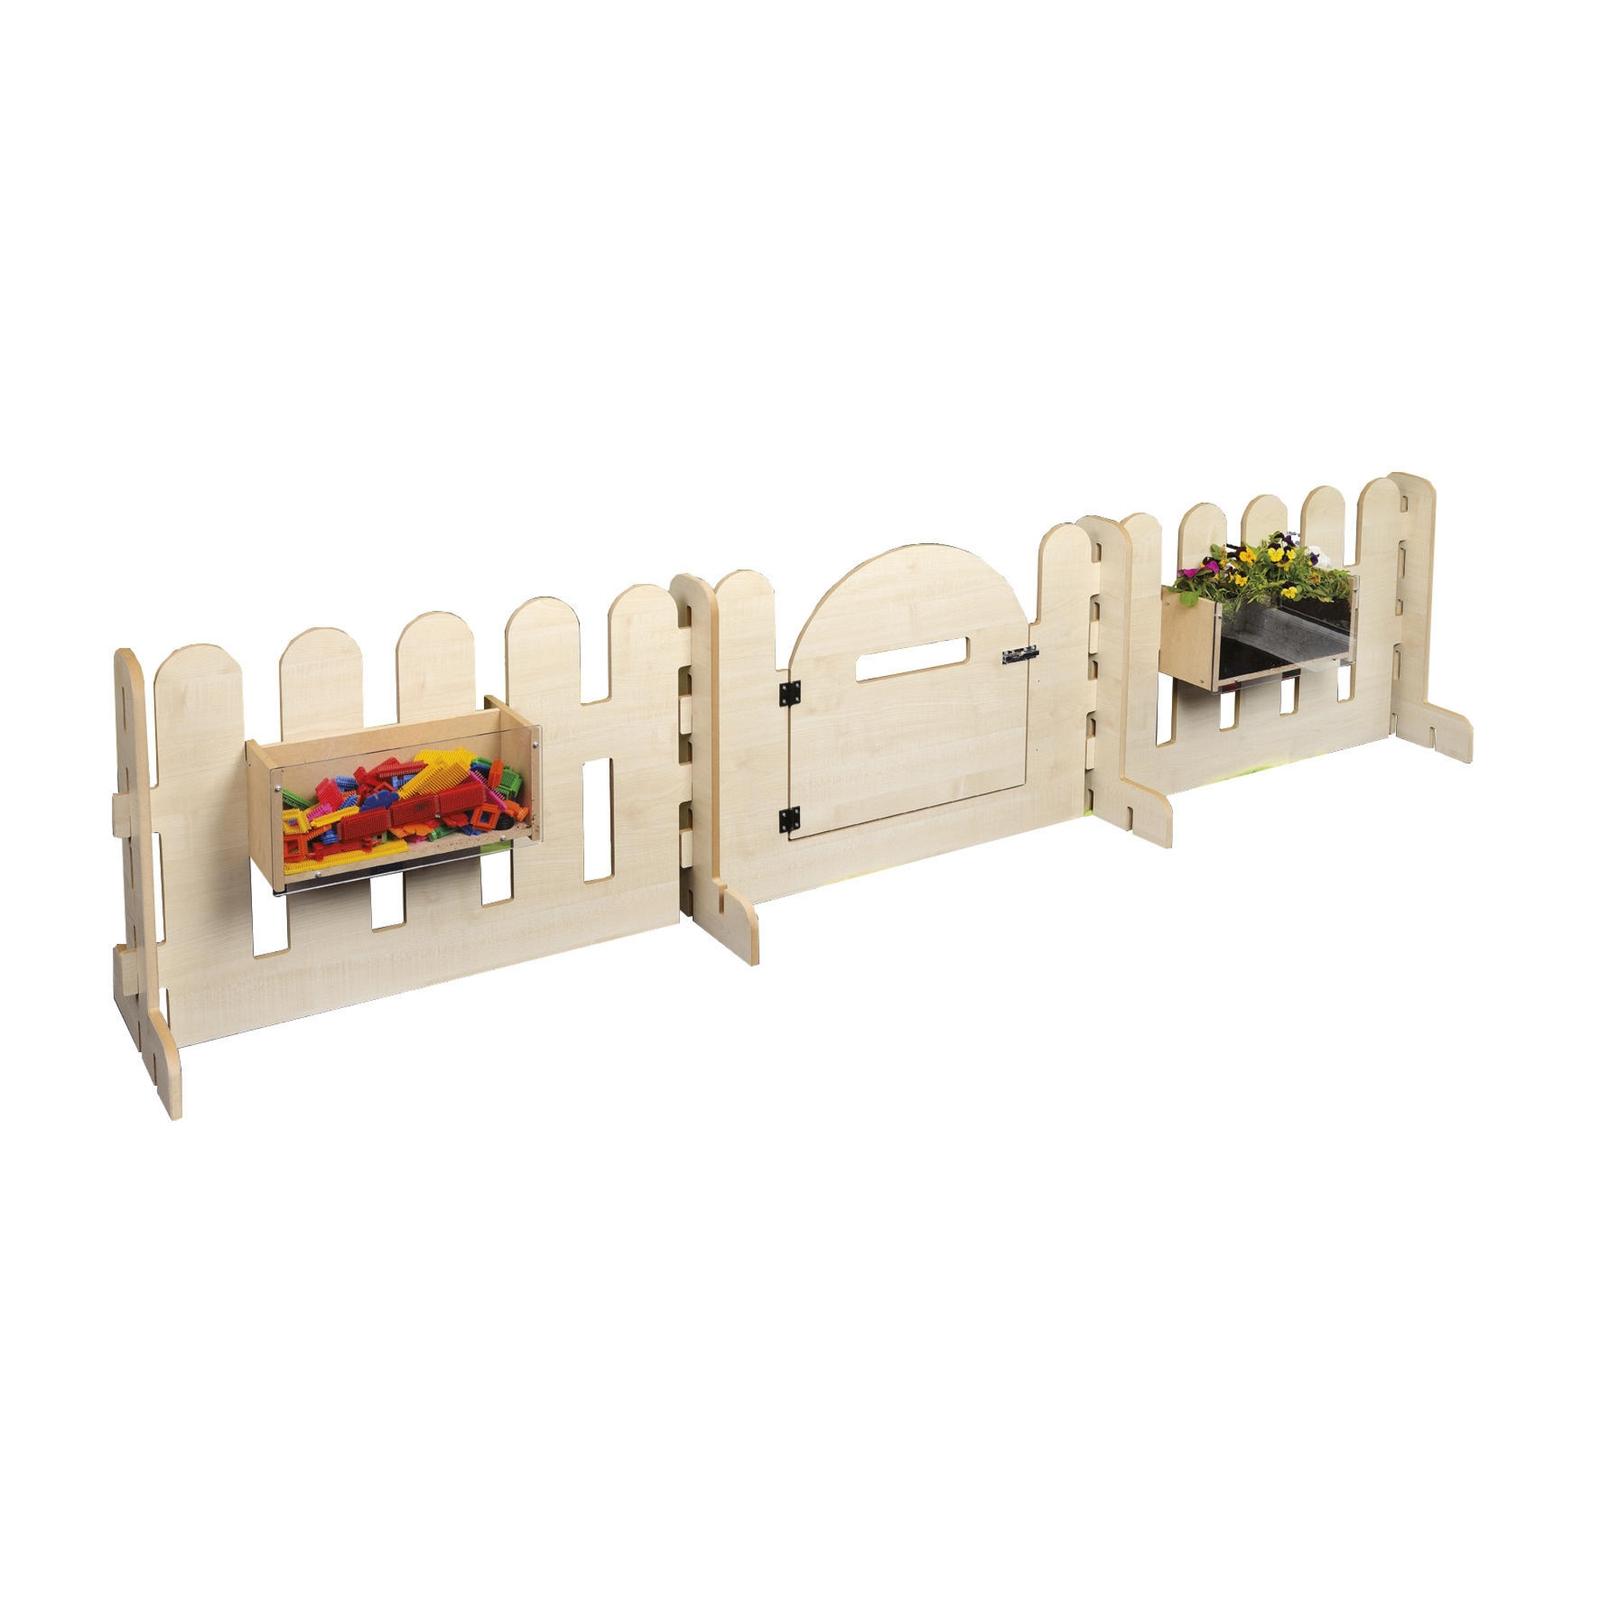 Indoor Fence Panel & Gate Set